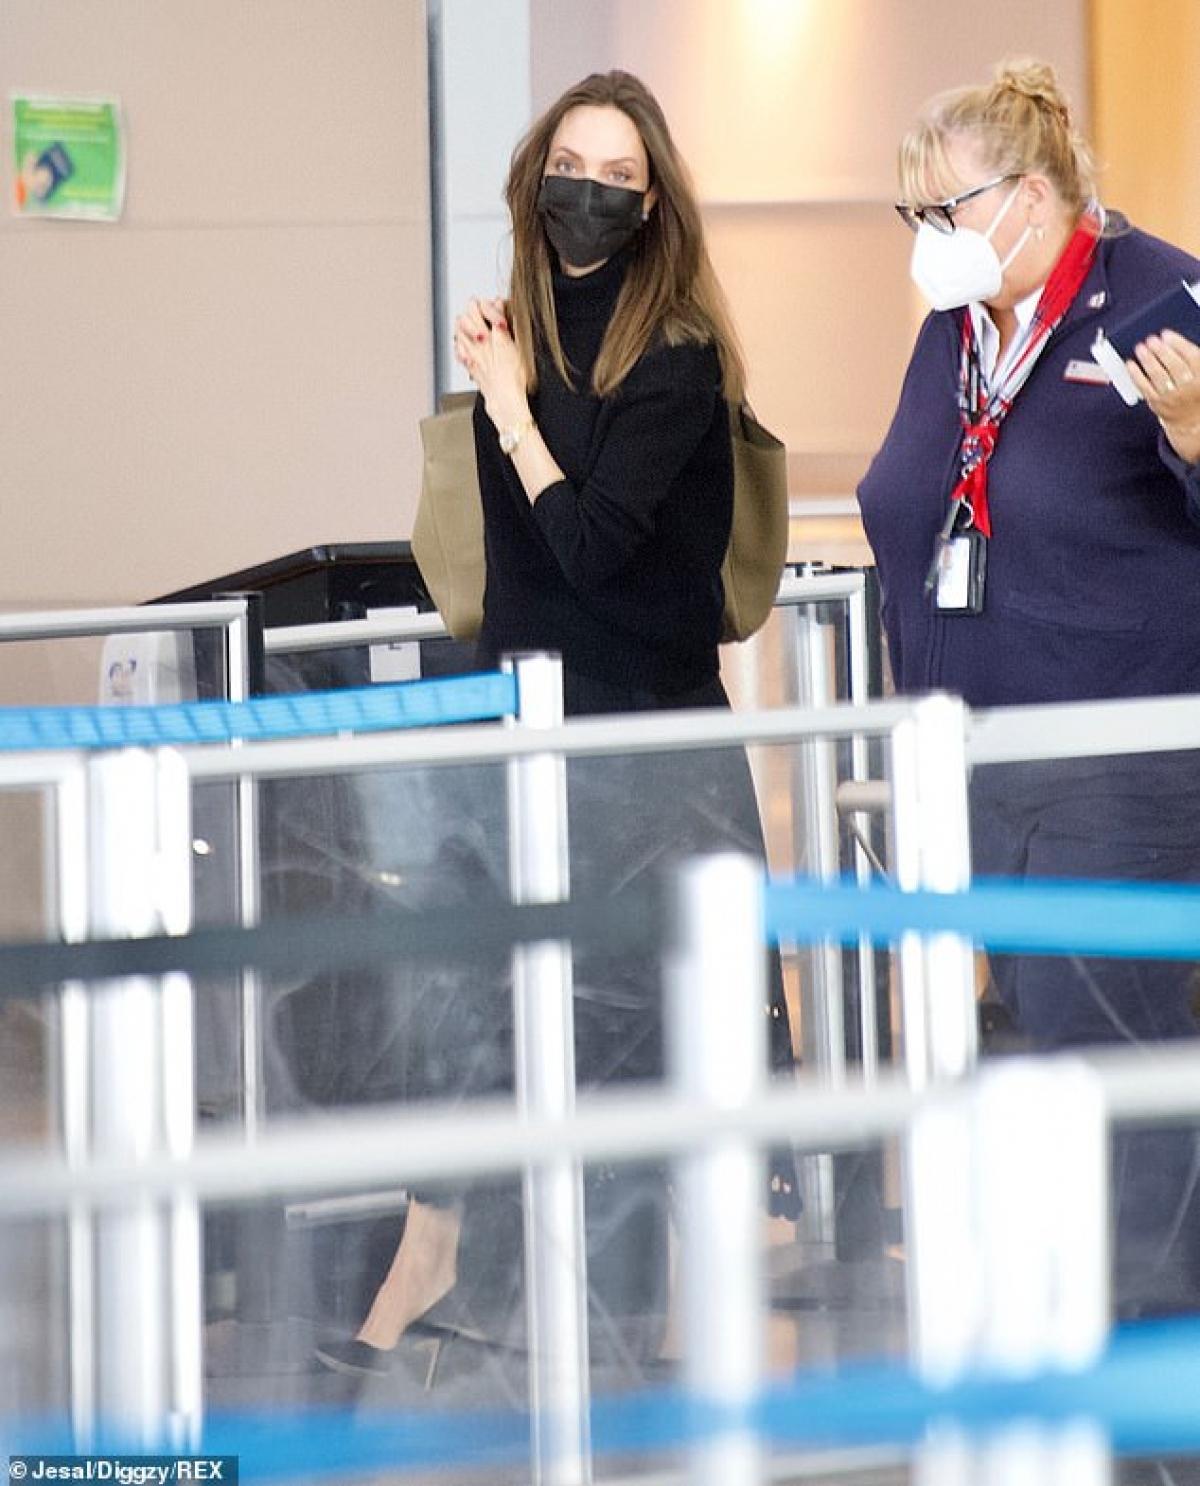 Nữ diễn viên mặc áo len phối cùng chân váy dài, đeo khẩu trang cẩn thận để bảo vệ mình và cộng đồng.